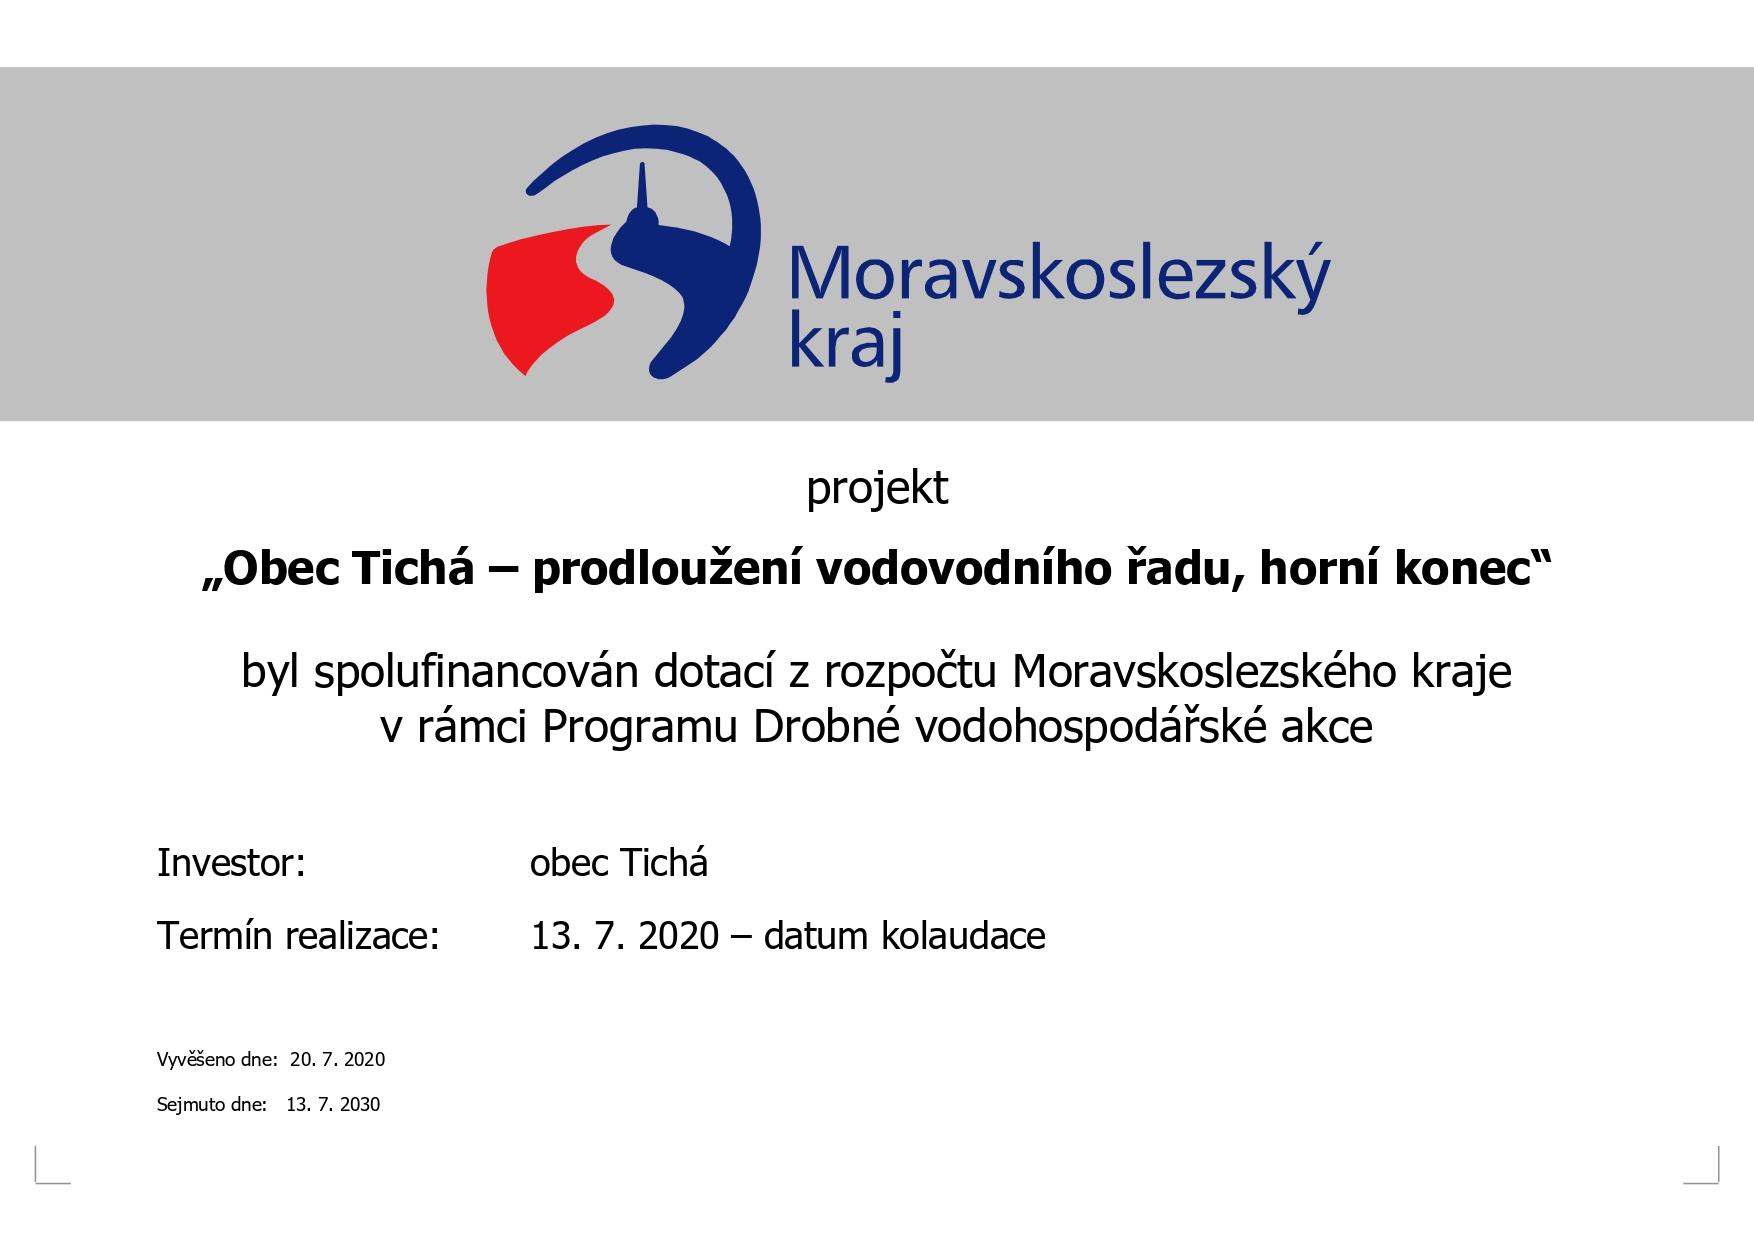 Prodloužení vodovodního řadu, horní konec; Tichá - podpořeno Moravskoslezským krajem